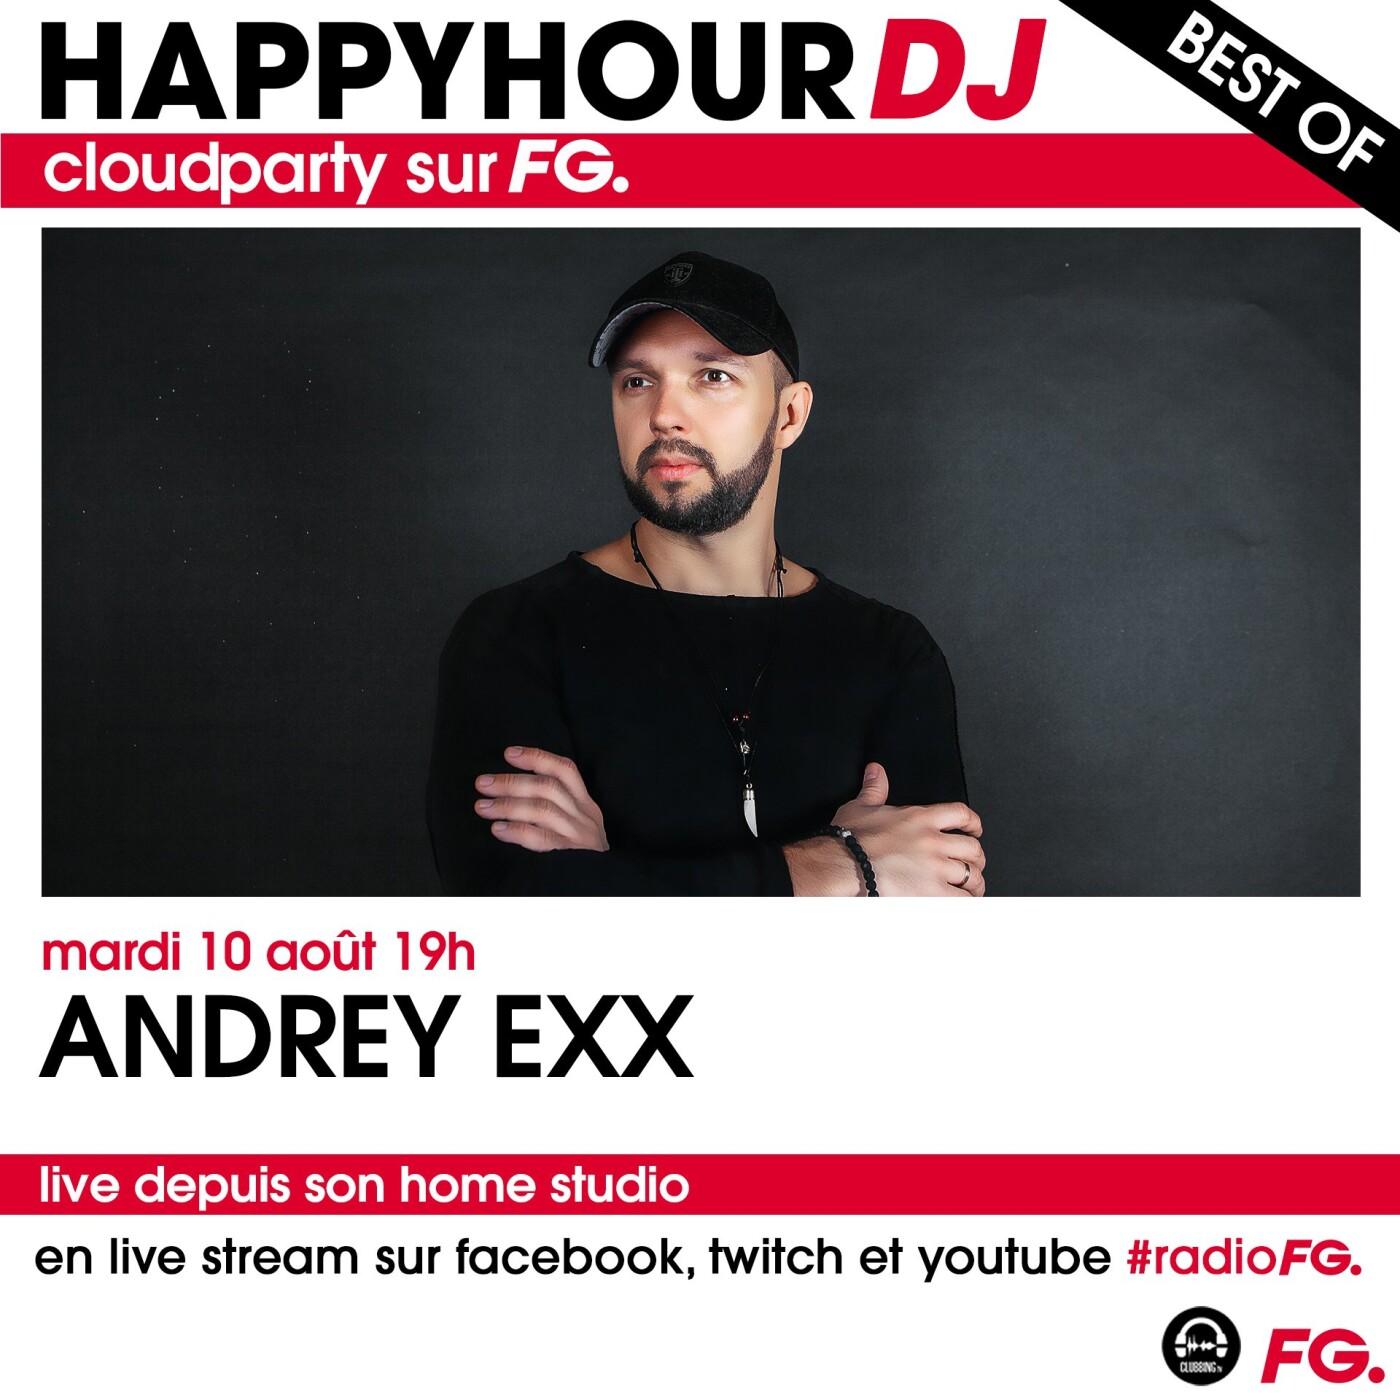 HAPPY HOUR DJ BEST OF : ANDREY EXX